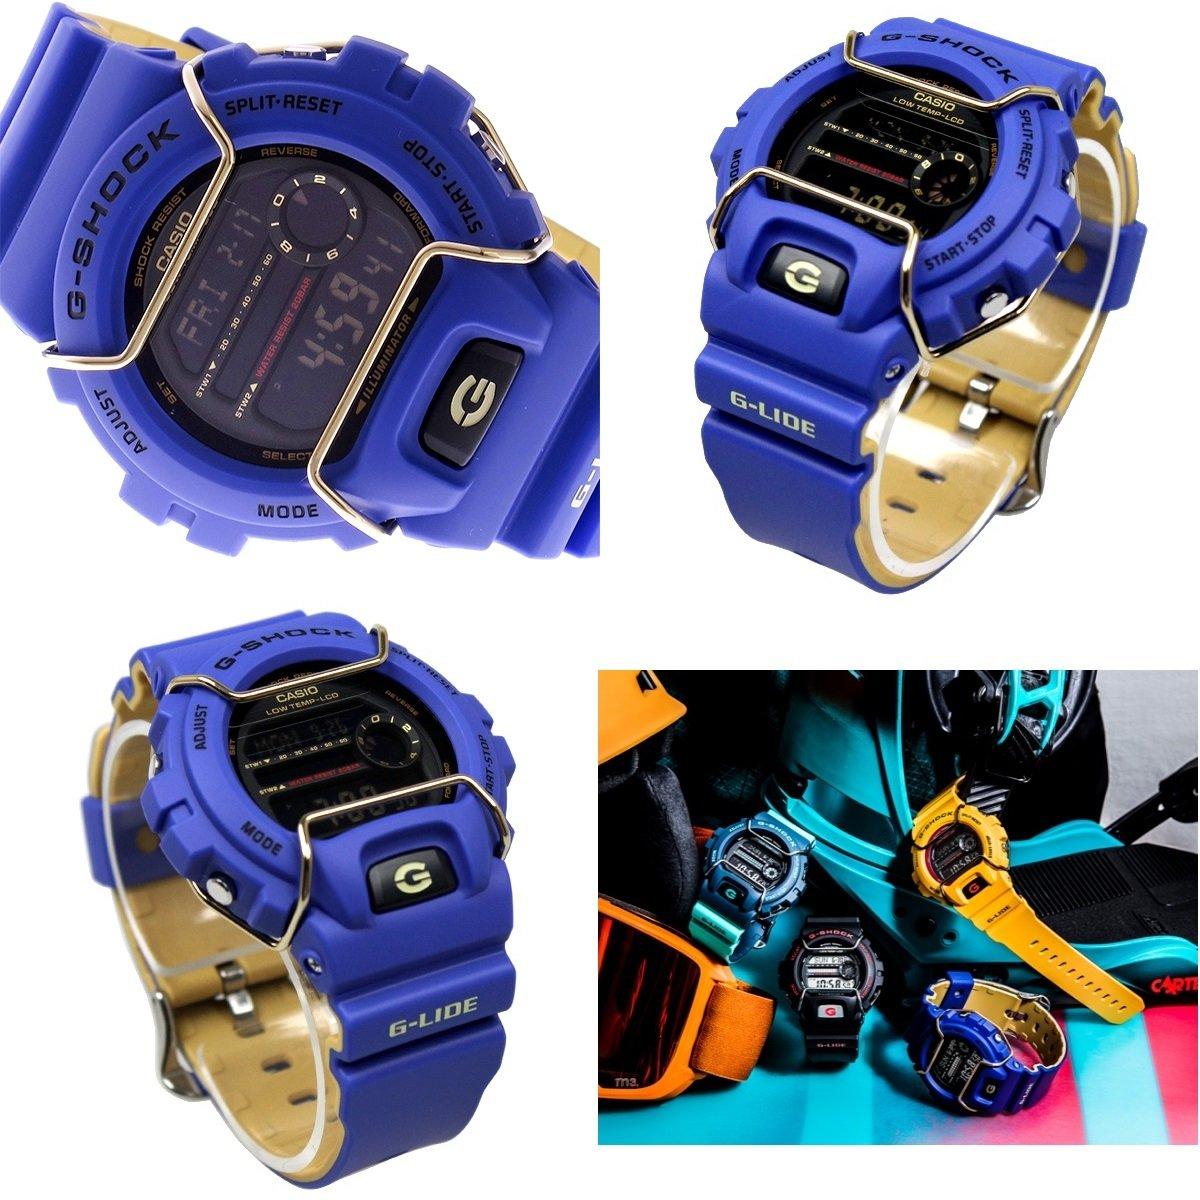 G-SHOCK G-Lide 20気圧防水 デジタル プラベルトウォッチ メンズ(GLS-6900-1 GLS-6900-2 GLS-6900-9) (GLS-6900-9(オレンジ)) B06WWLGXR7  GLS-6900-2(ブルー)